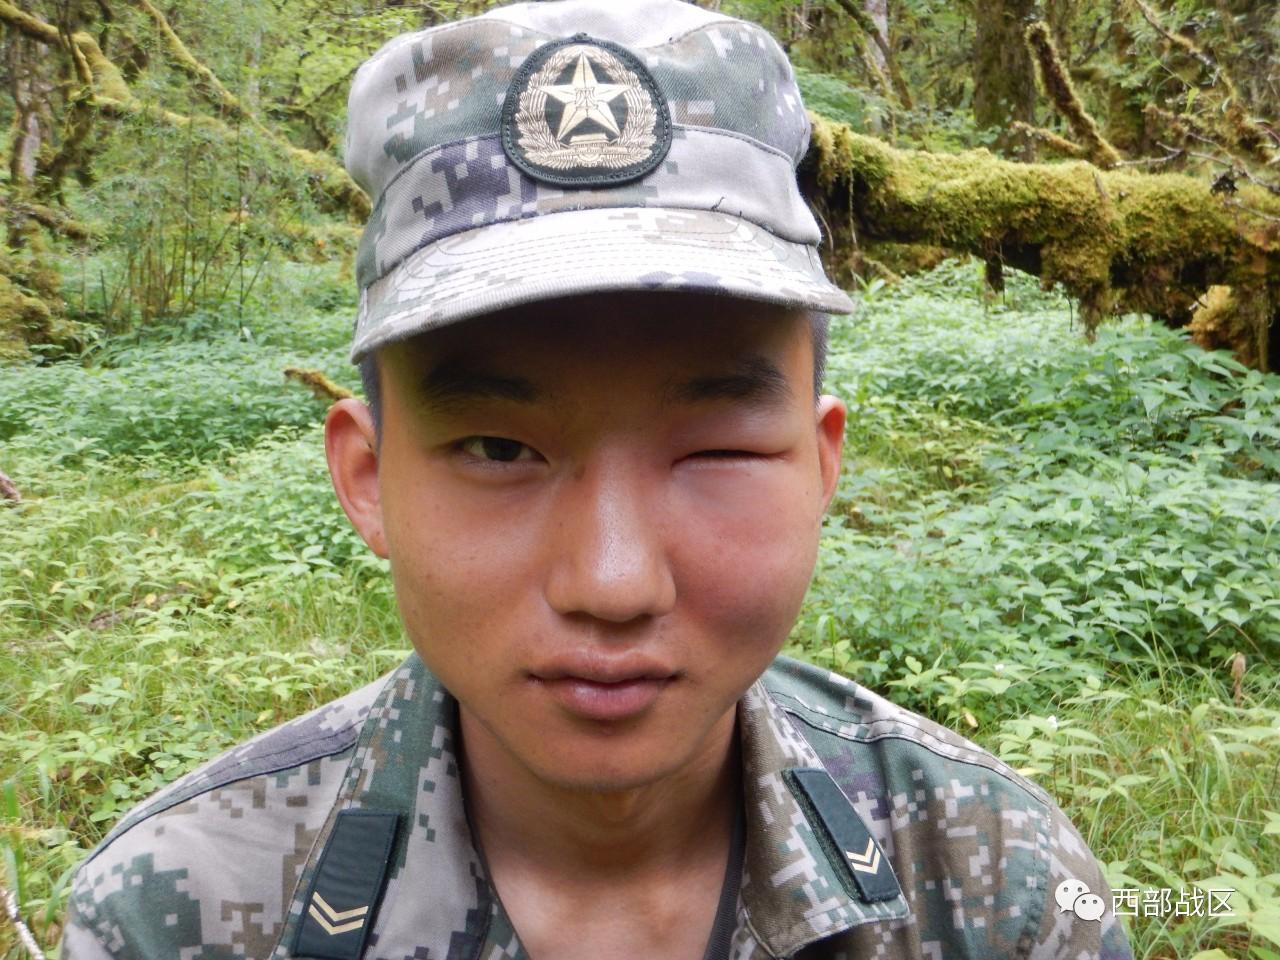 这就是中国边防军人! 央视